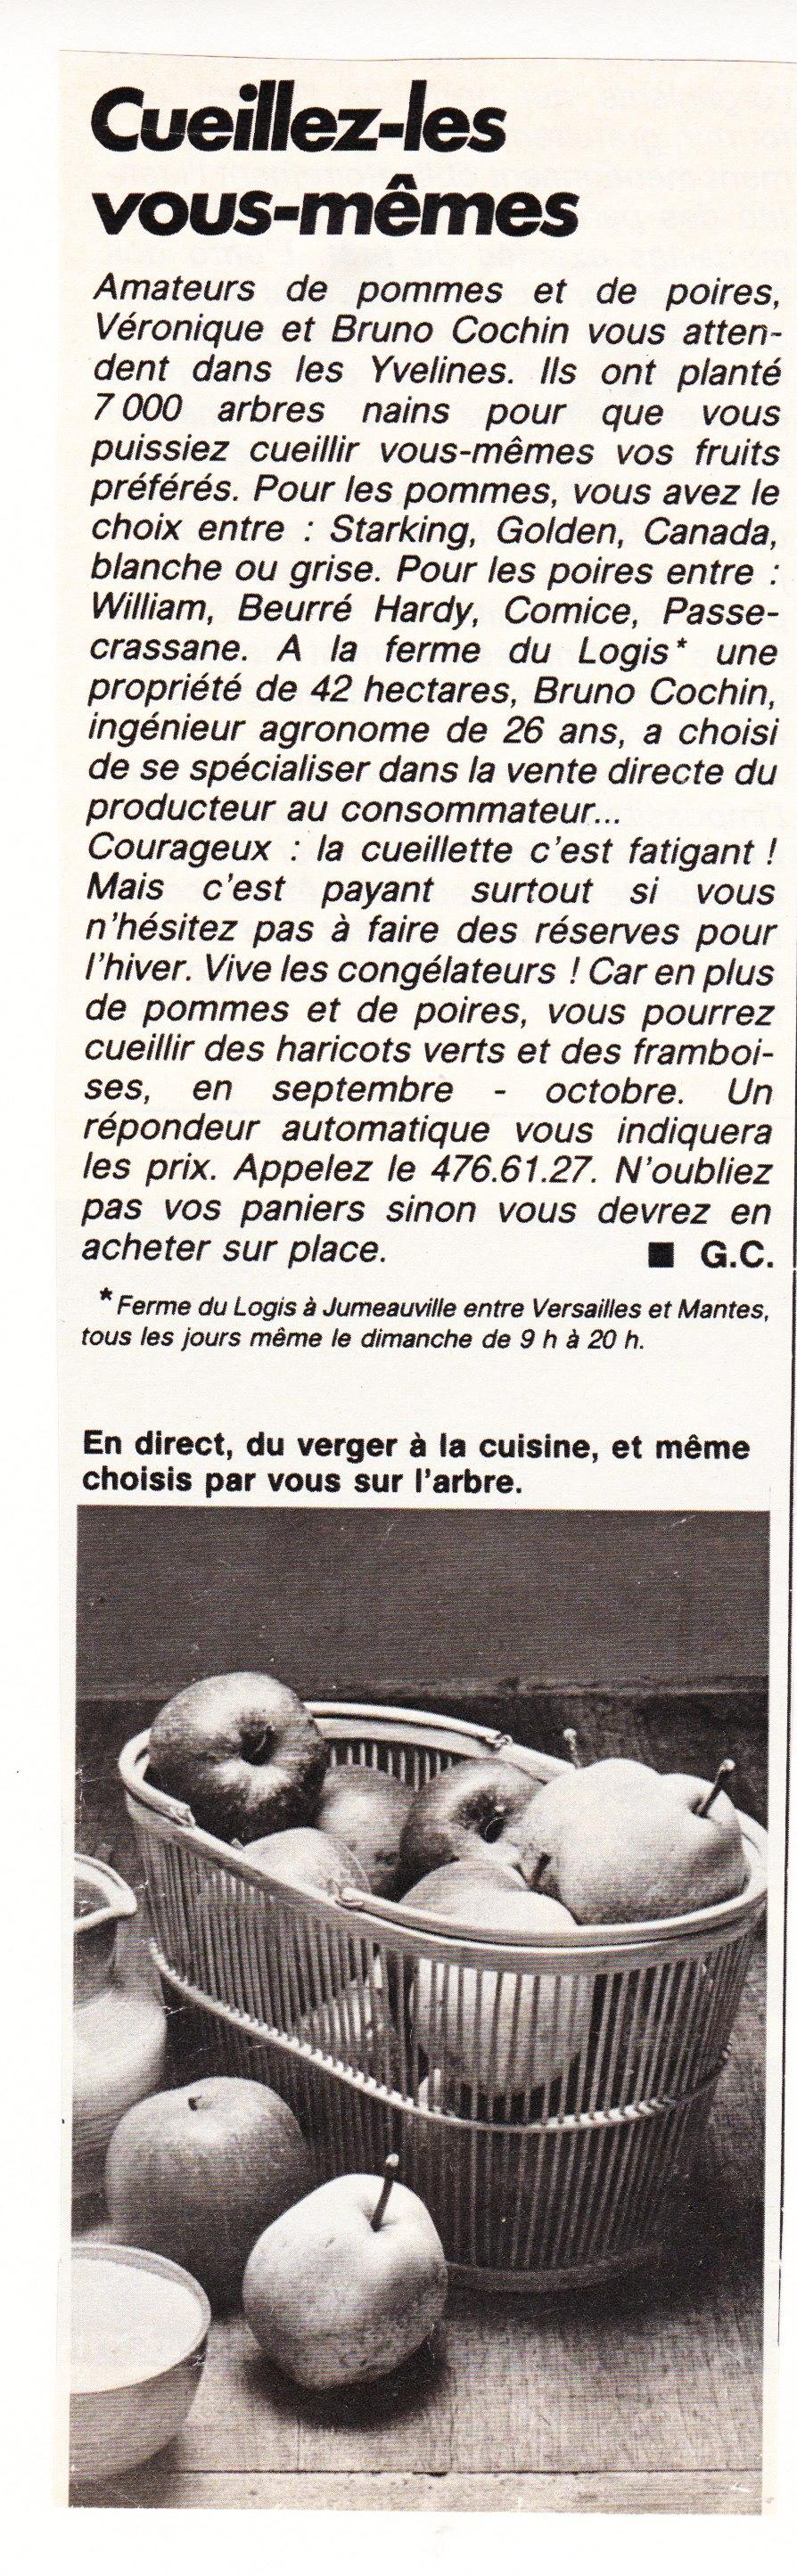 1980 septembre Elle 001